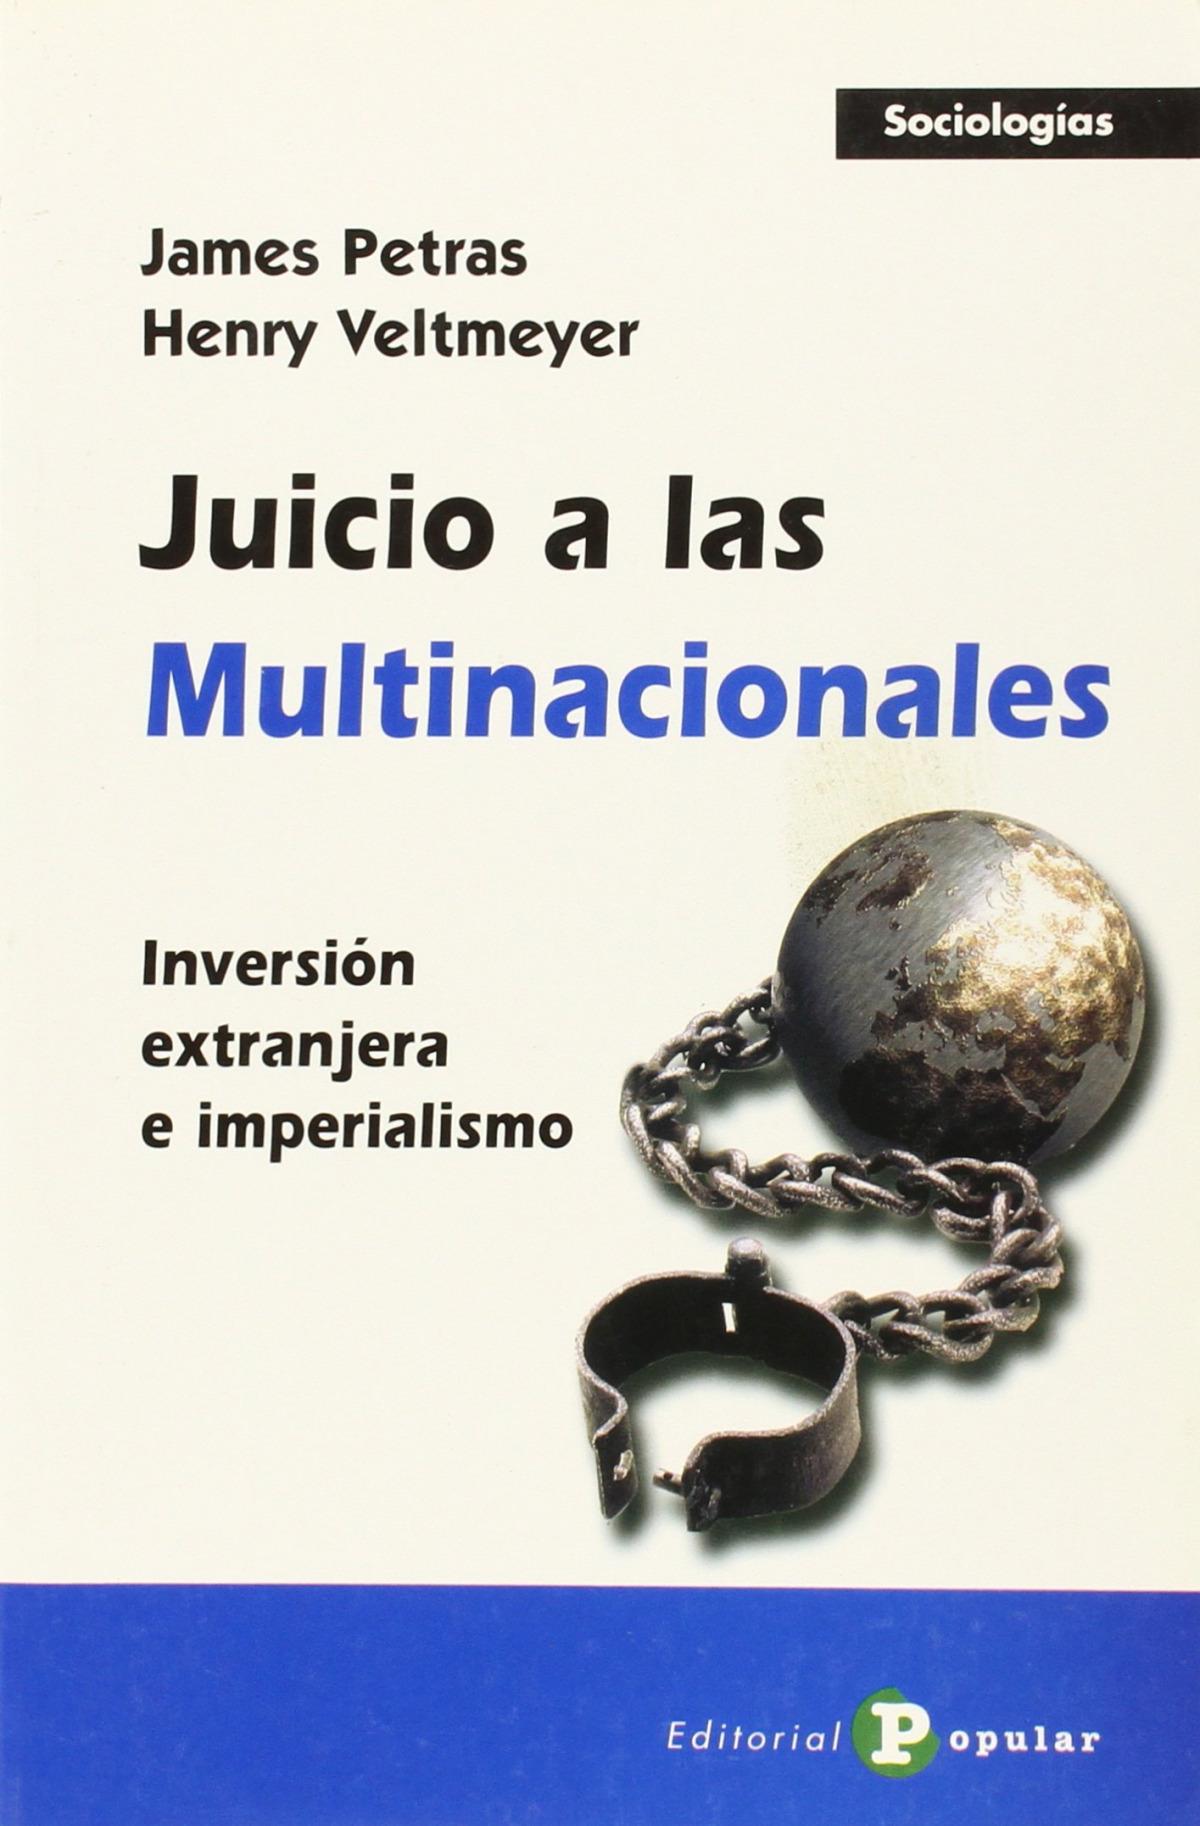 Juicio a las multinacionales Inversión extranjera e imperialismo - Petras, James/Veltmeyer, Henry